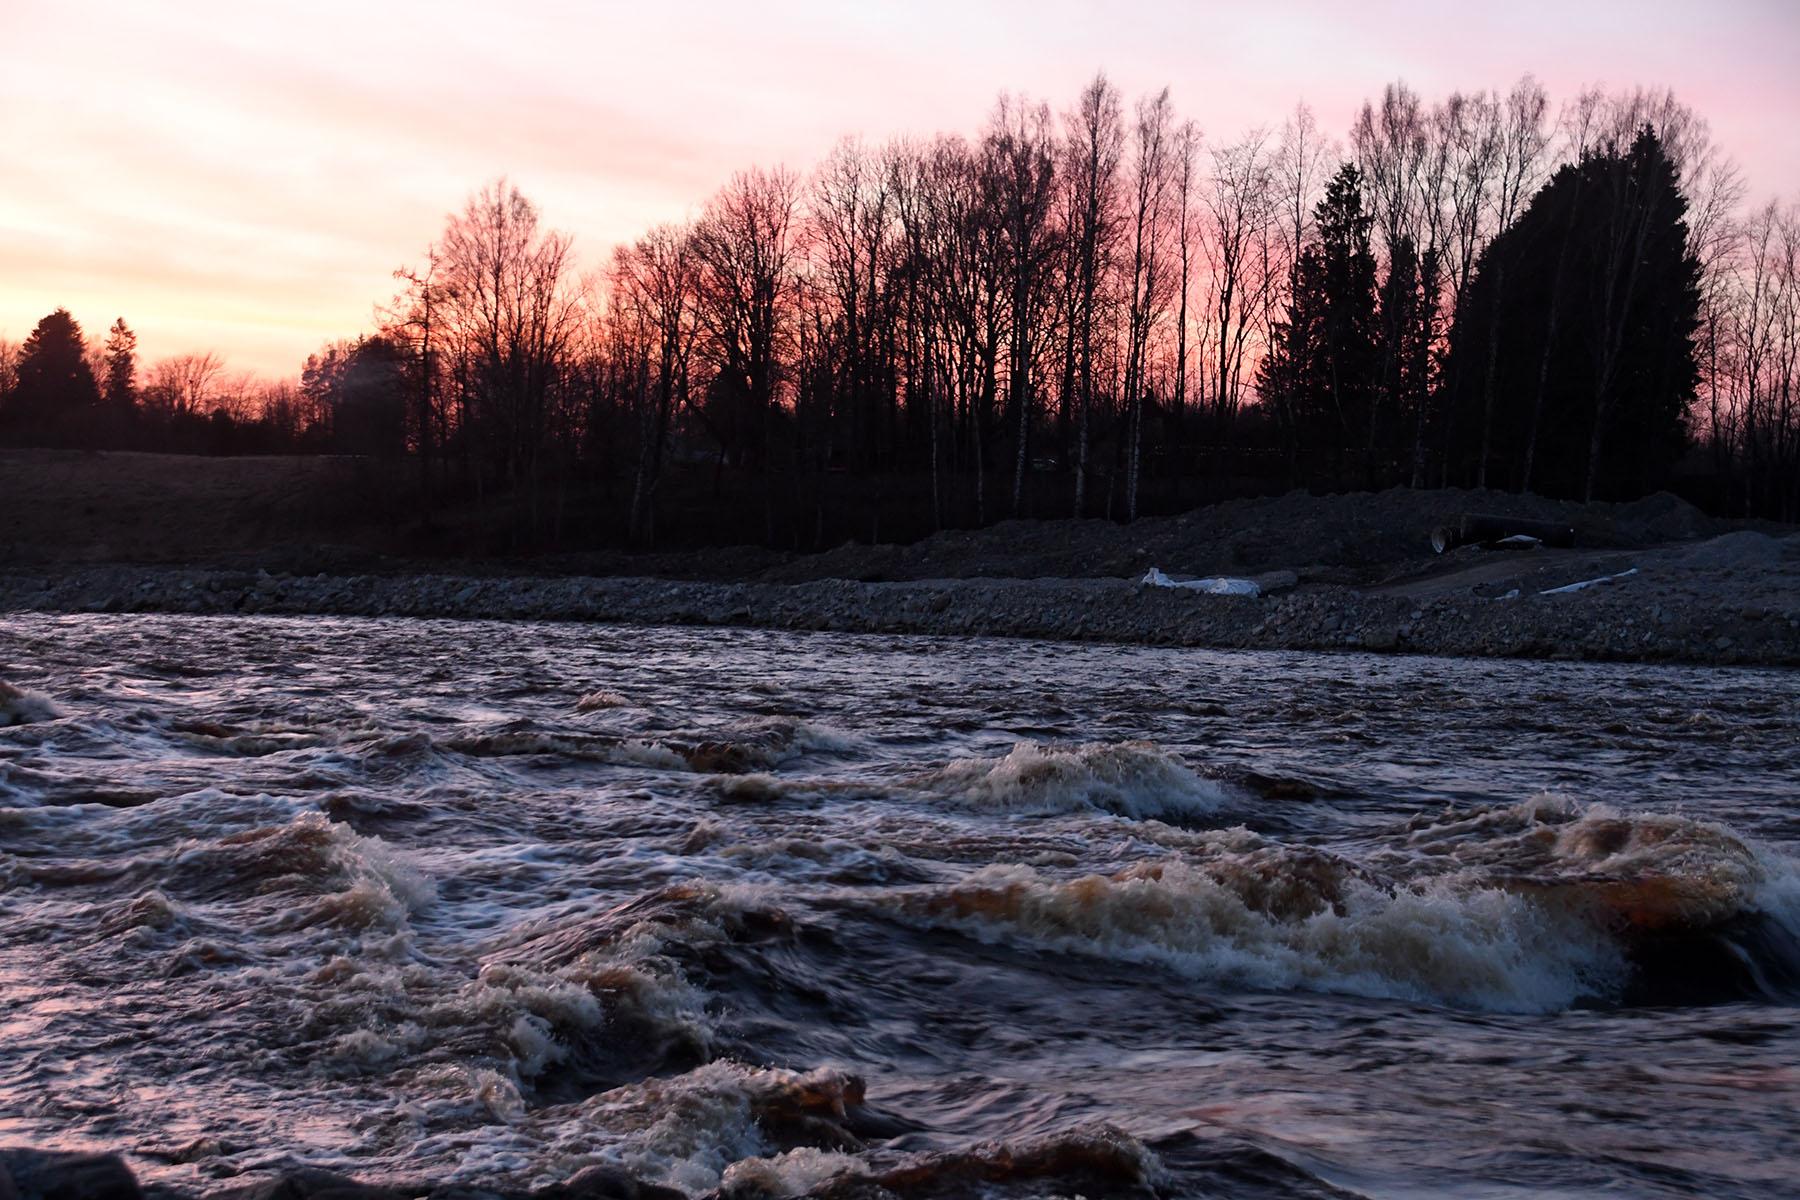 Sindi tehiskärestik päikeseloojangul. Foto Urmas Saard